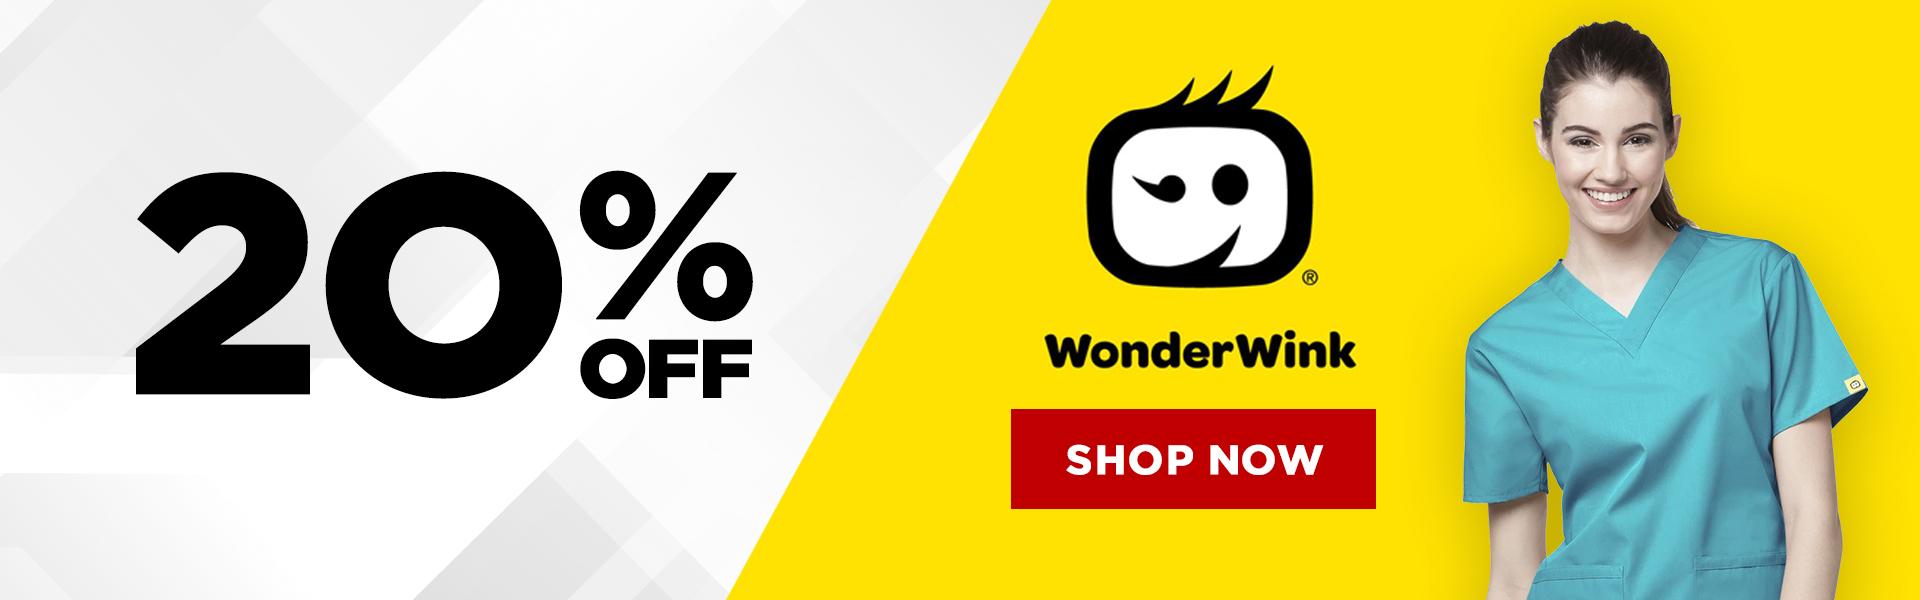 20% Off WonderWink Shop Now